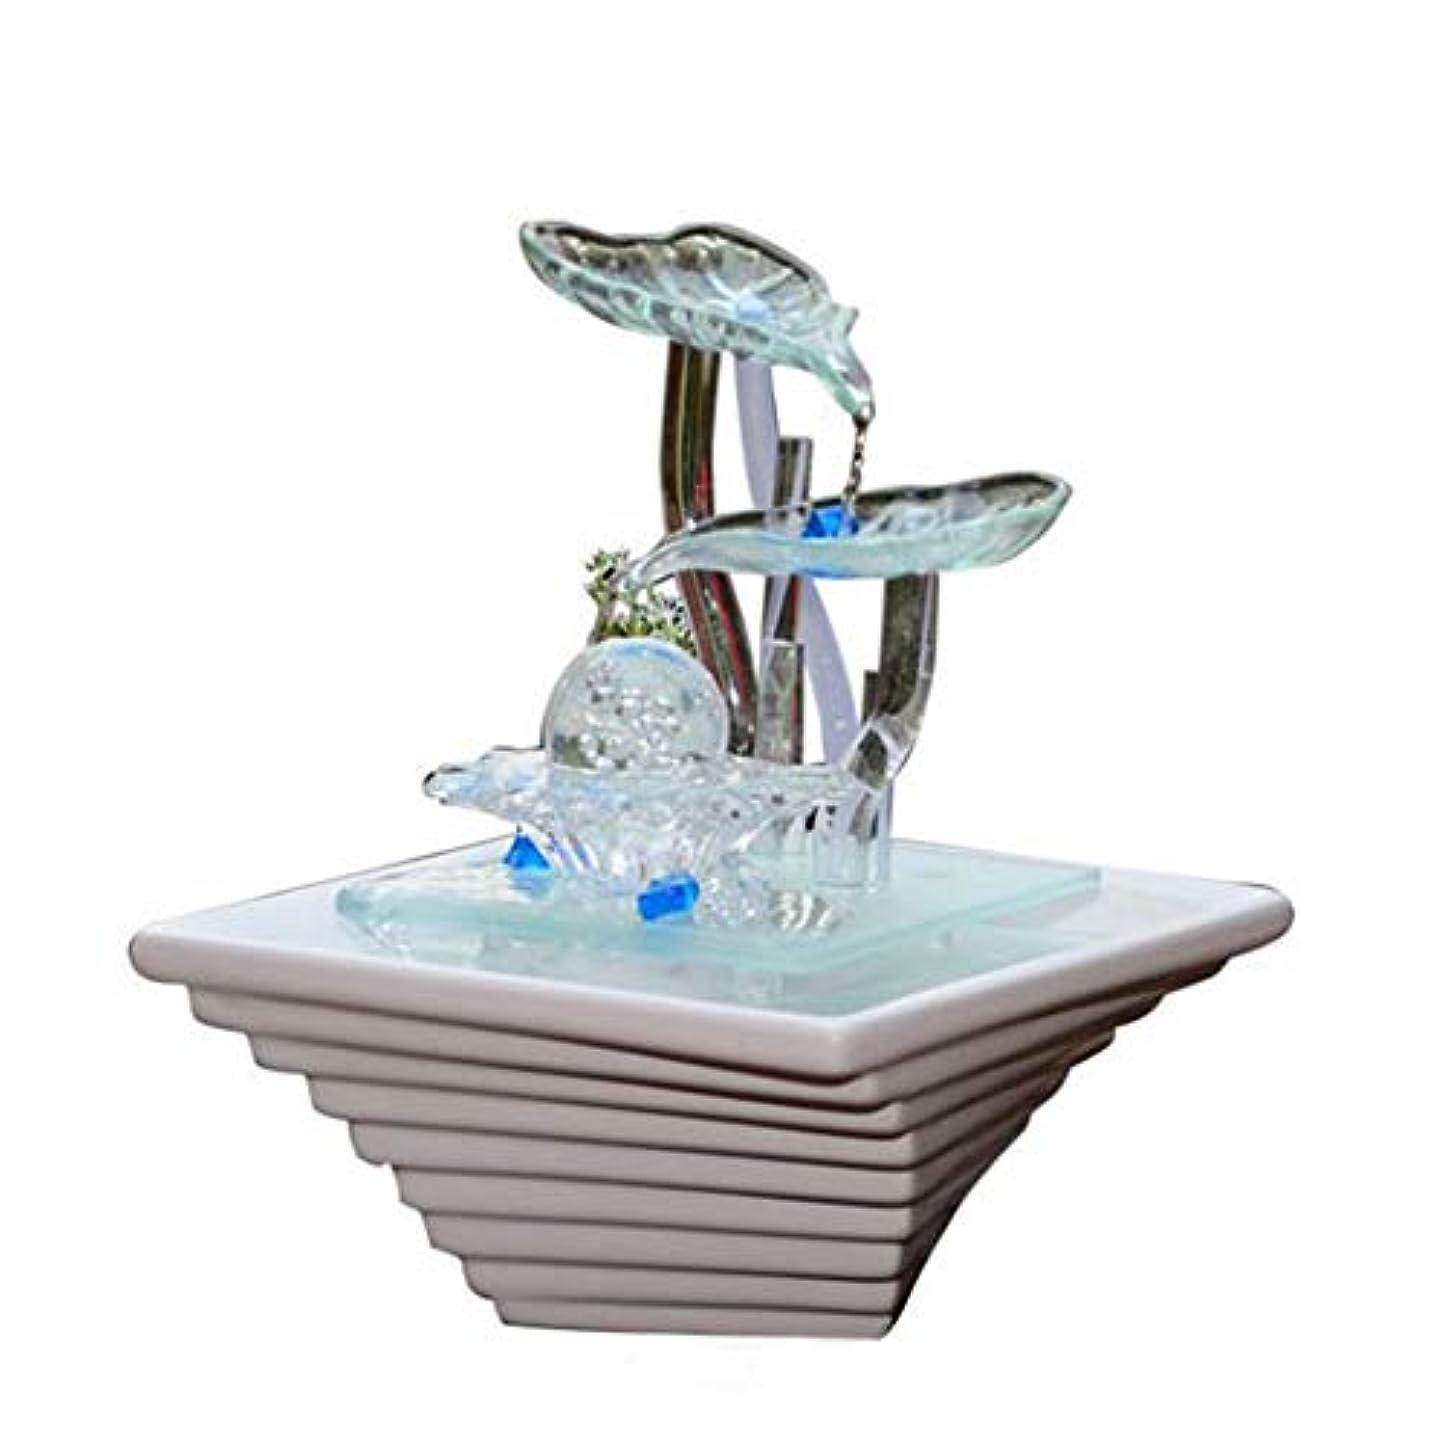 オリエントマーチャンダイザー病的加湿器ホームデスクトップの装飾セラミックガラス工芸品の装飾品噴水装飾品バレンタインデー結婚式の誕生日パーフェクトギフト